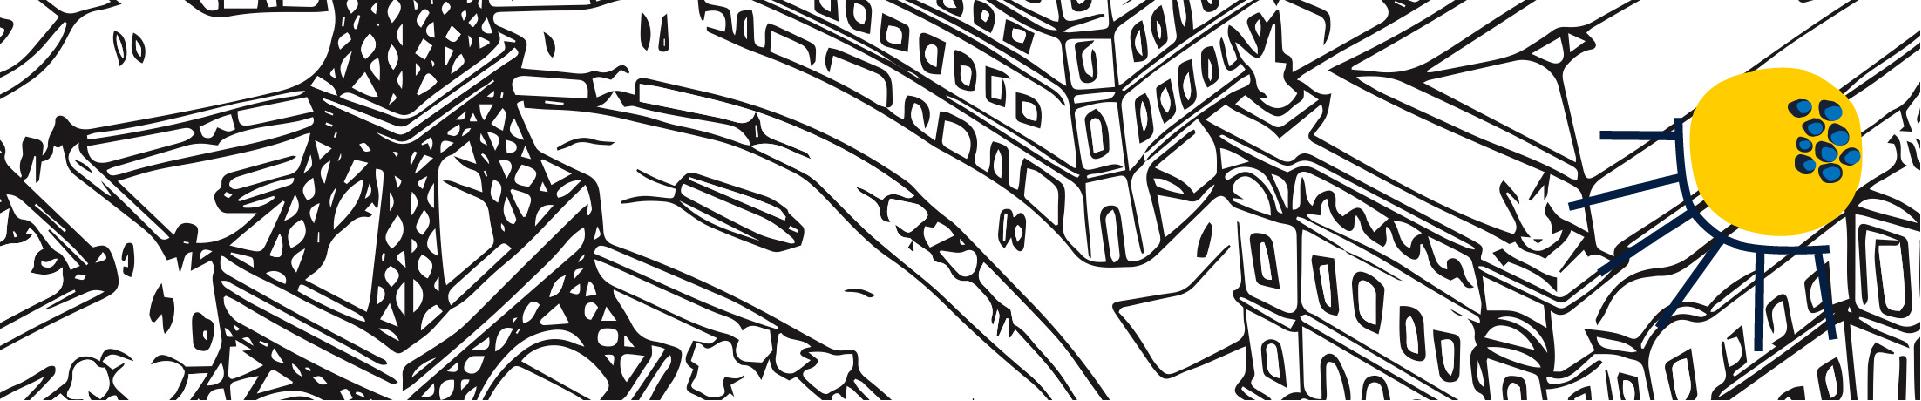 dessin-design-paris